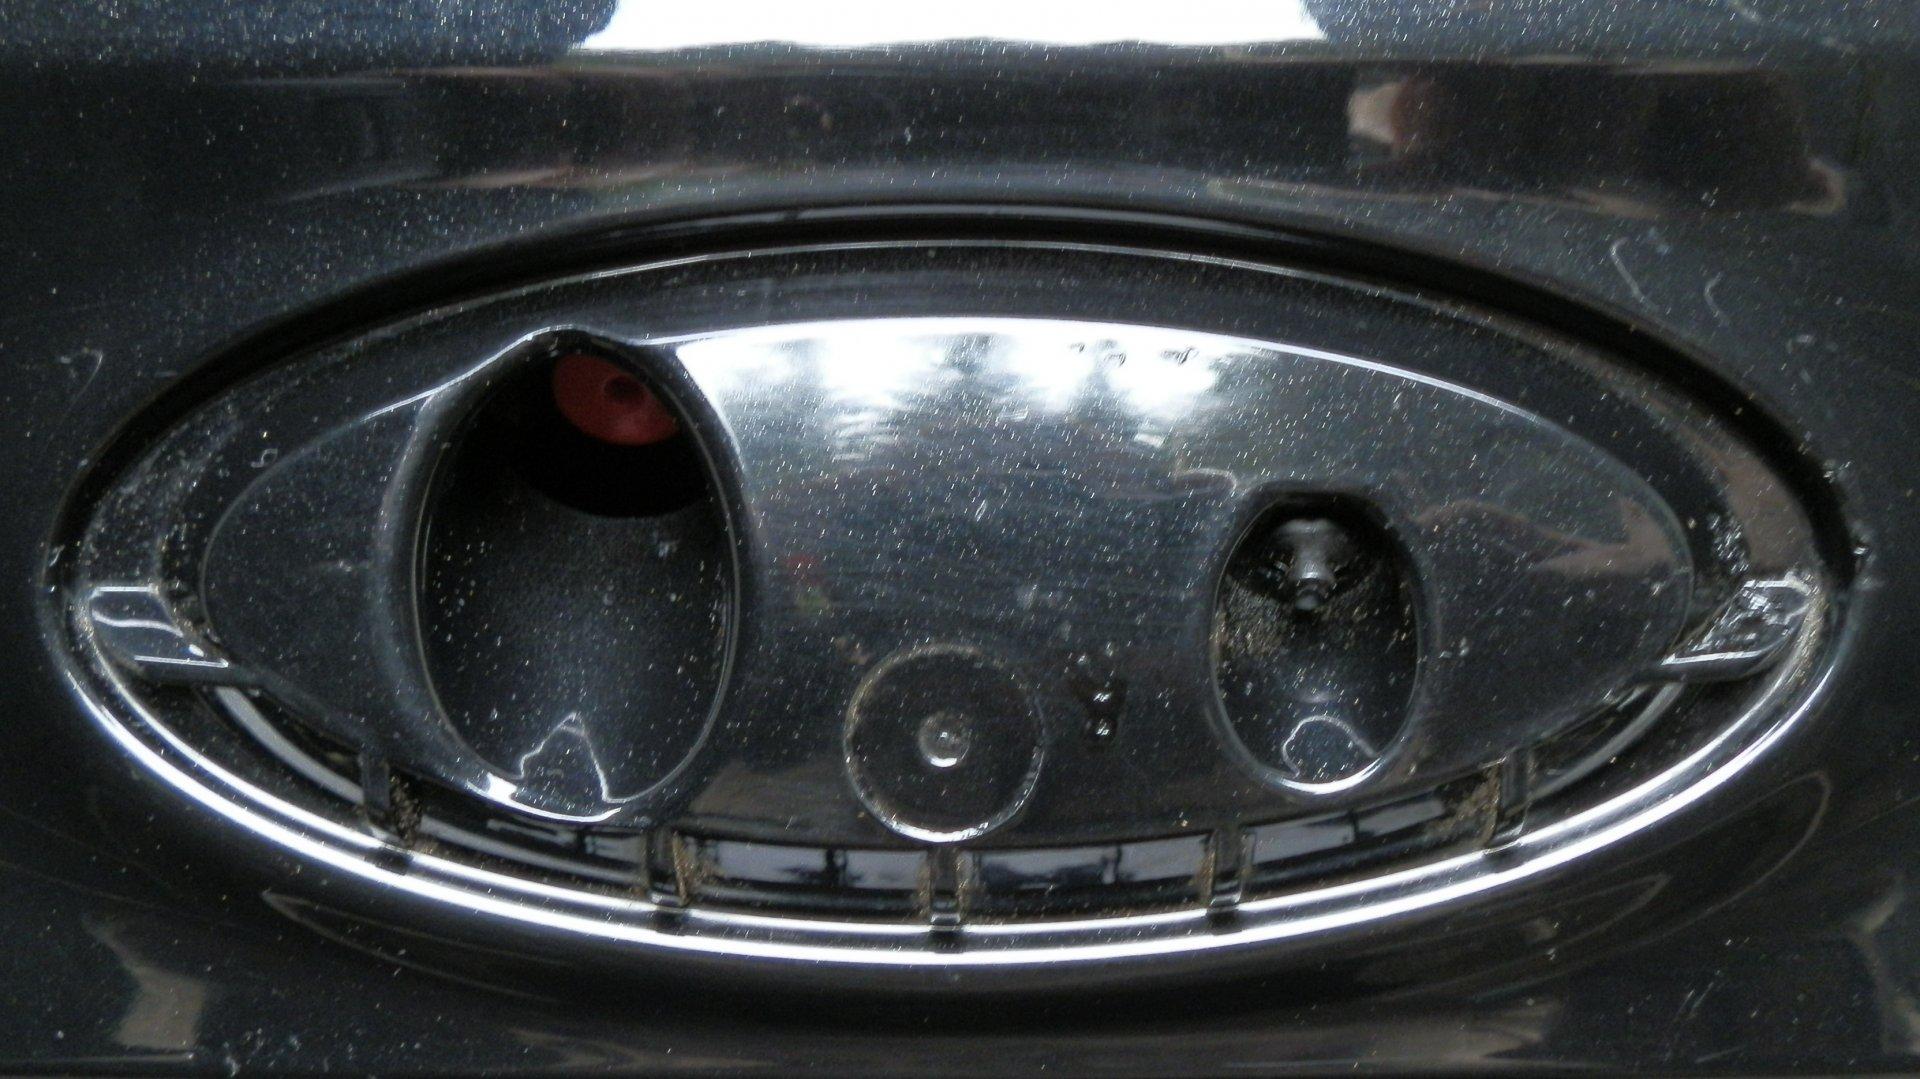 Ford Focus III (2015-04-28) - Blende Hecklappe ohne Pflaume - Bild 1.JPG